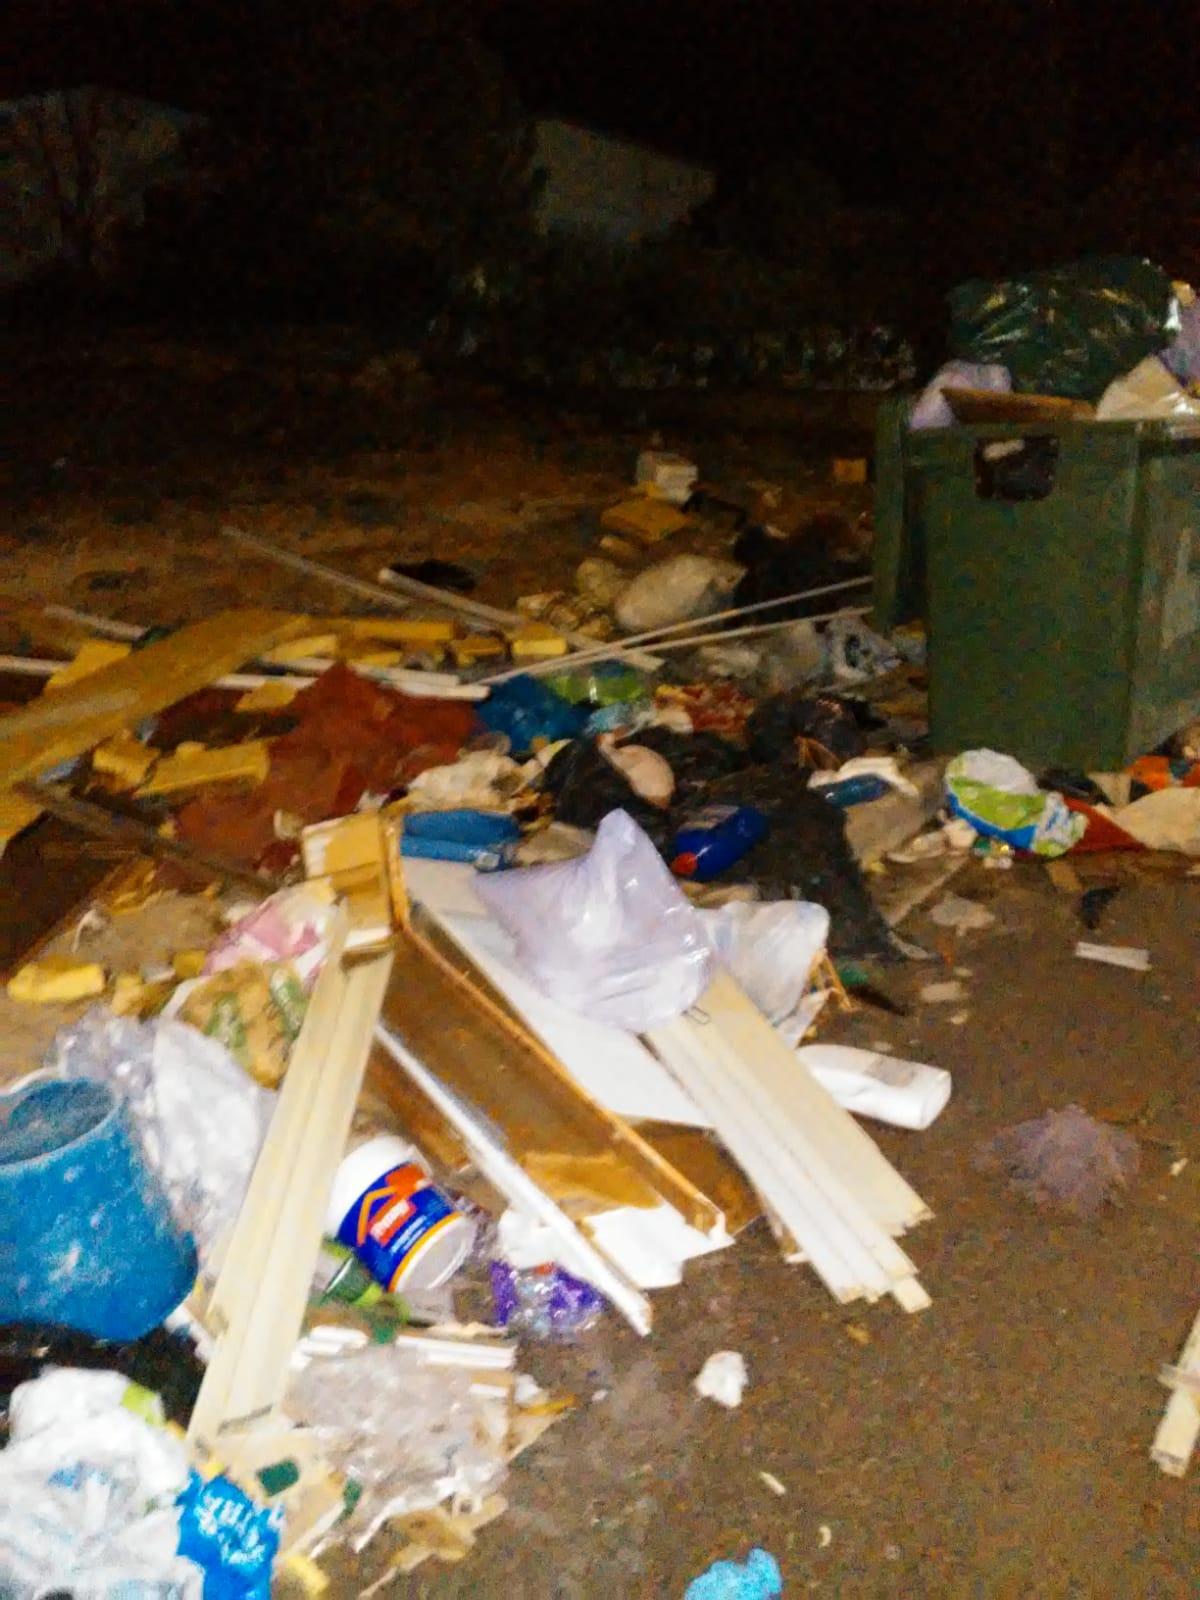 L'Ajuntament torna a demanar el bon ús dels contenidors del punt 24 hores